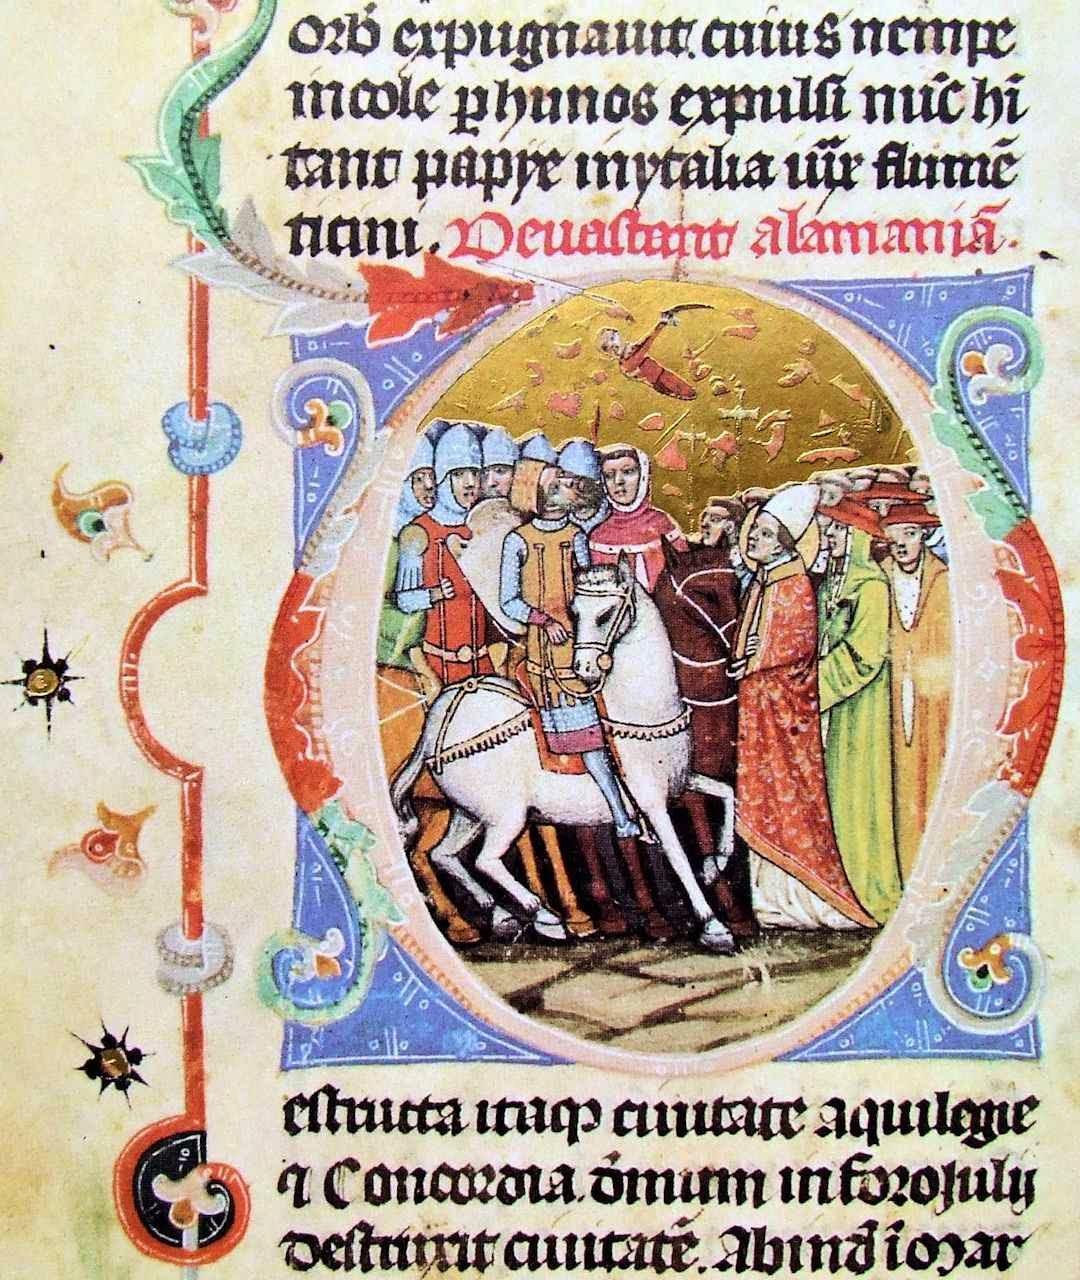 Átila intimidado pelo milagre de São Leão Magno se afasta de Roma